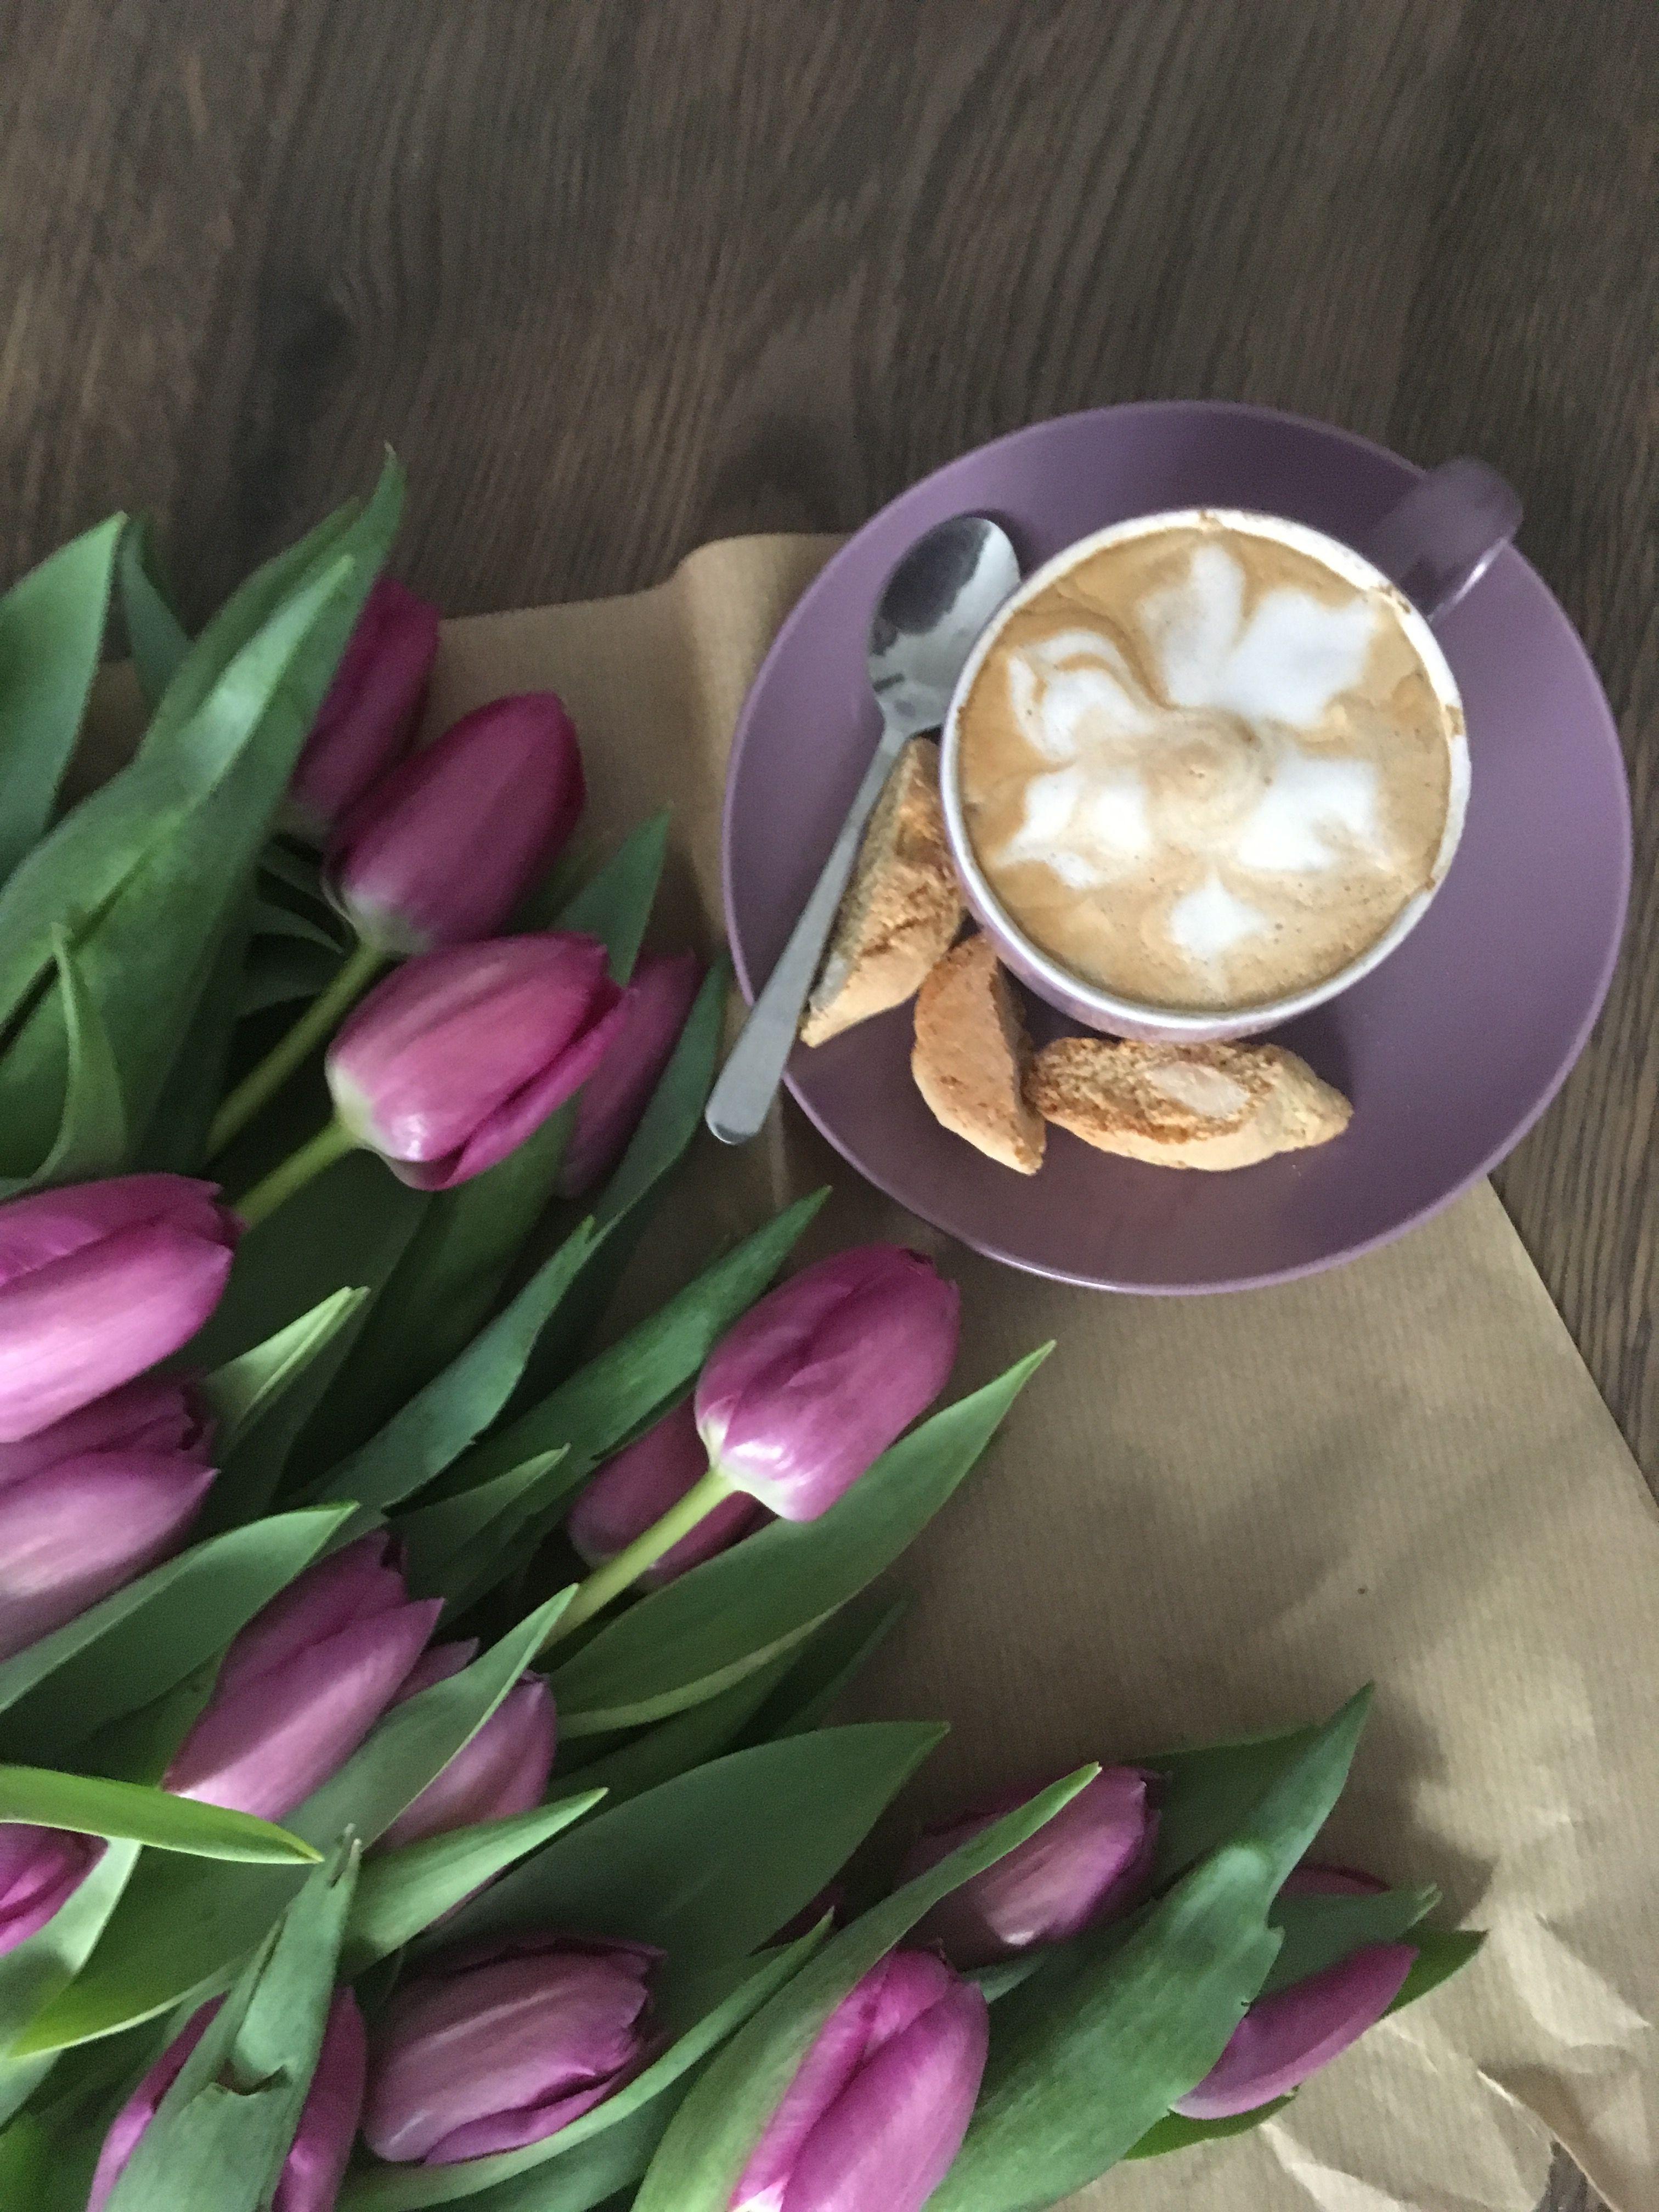 фото доброе утро с тюльпанами запрещает